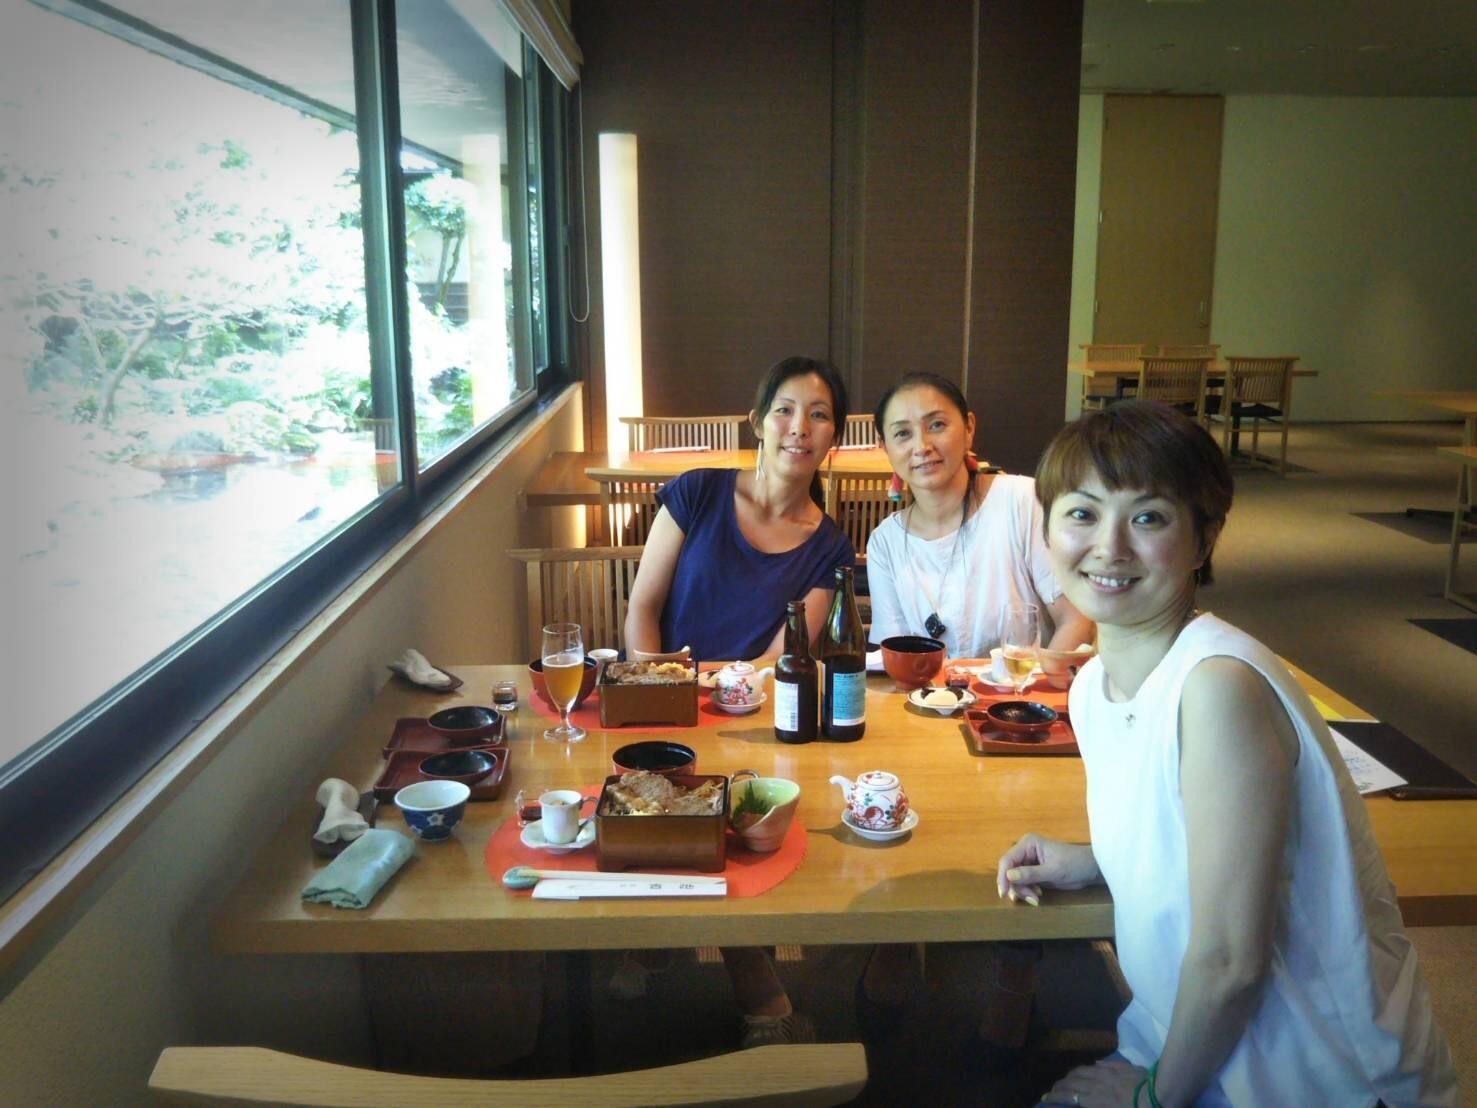 ひと足お先に夏休み 箱根日帰り温泉の旅を楽しんで来ました_1_2-1